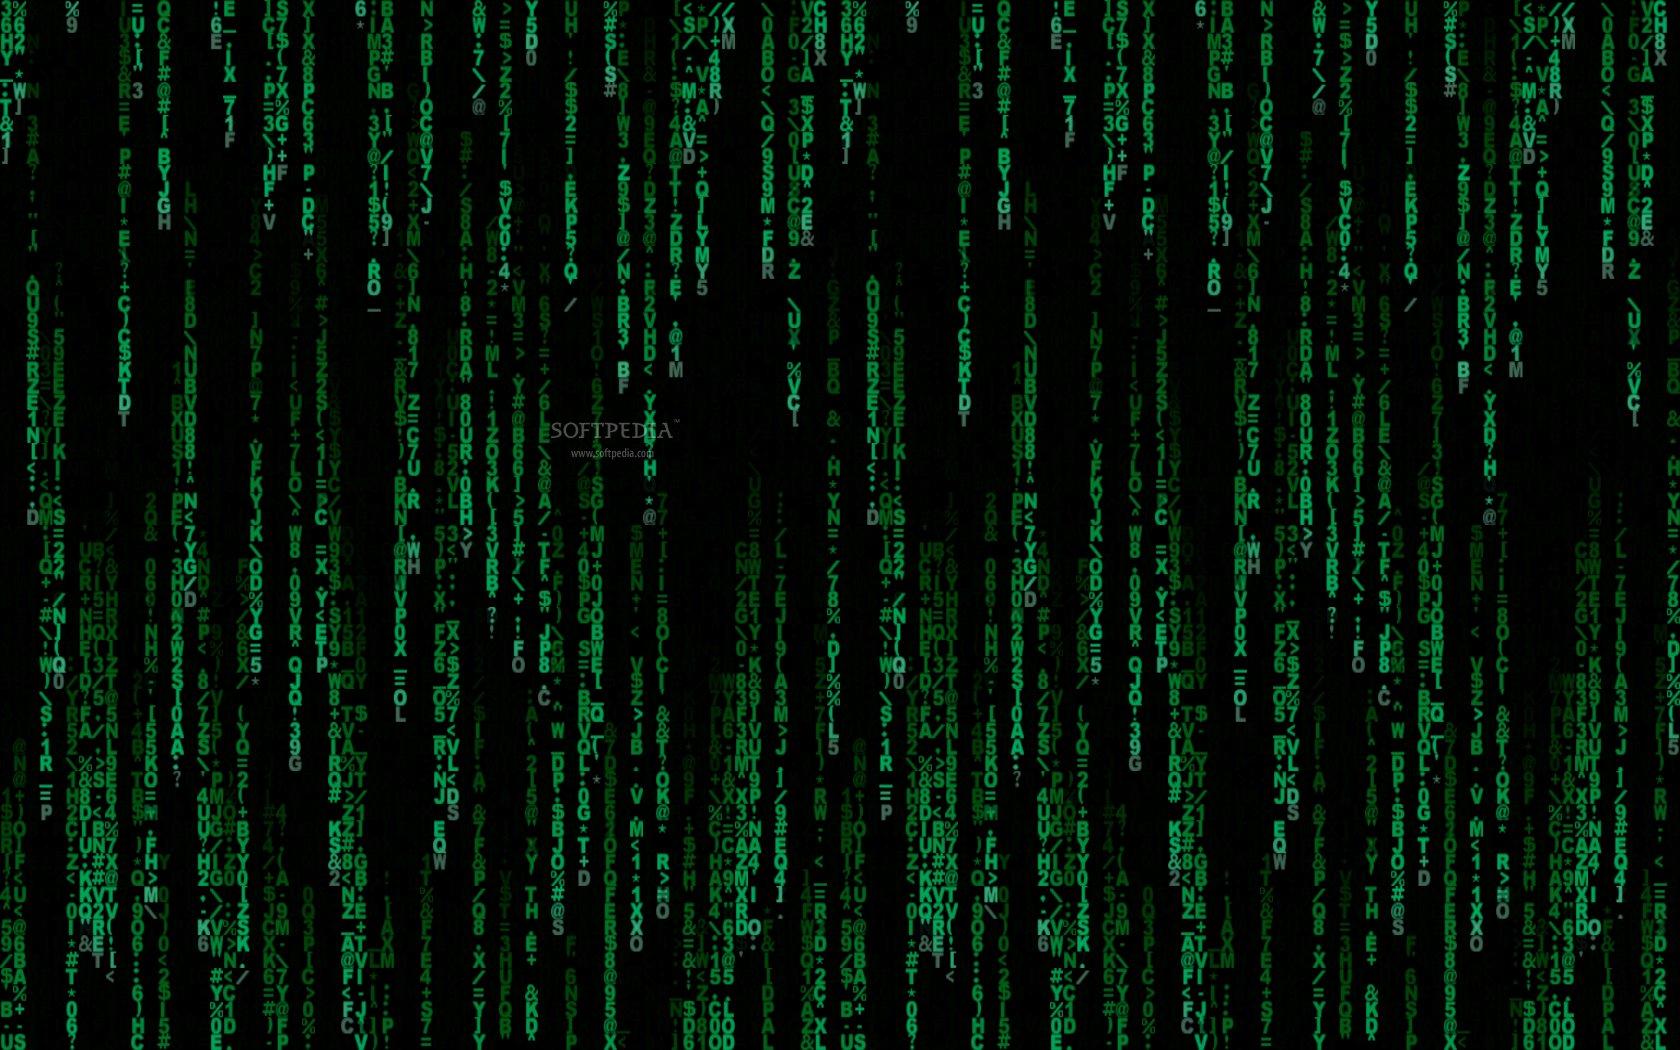 Matrix Moving Wallpaper Sf Wallpaper